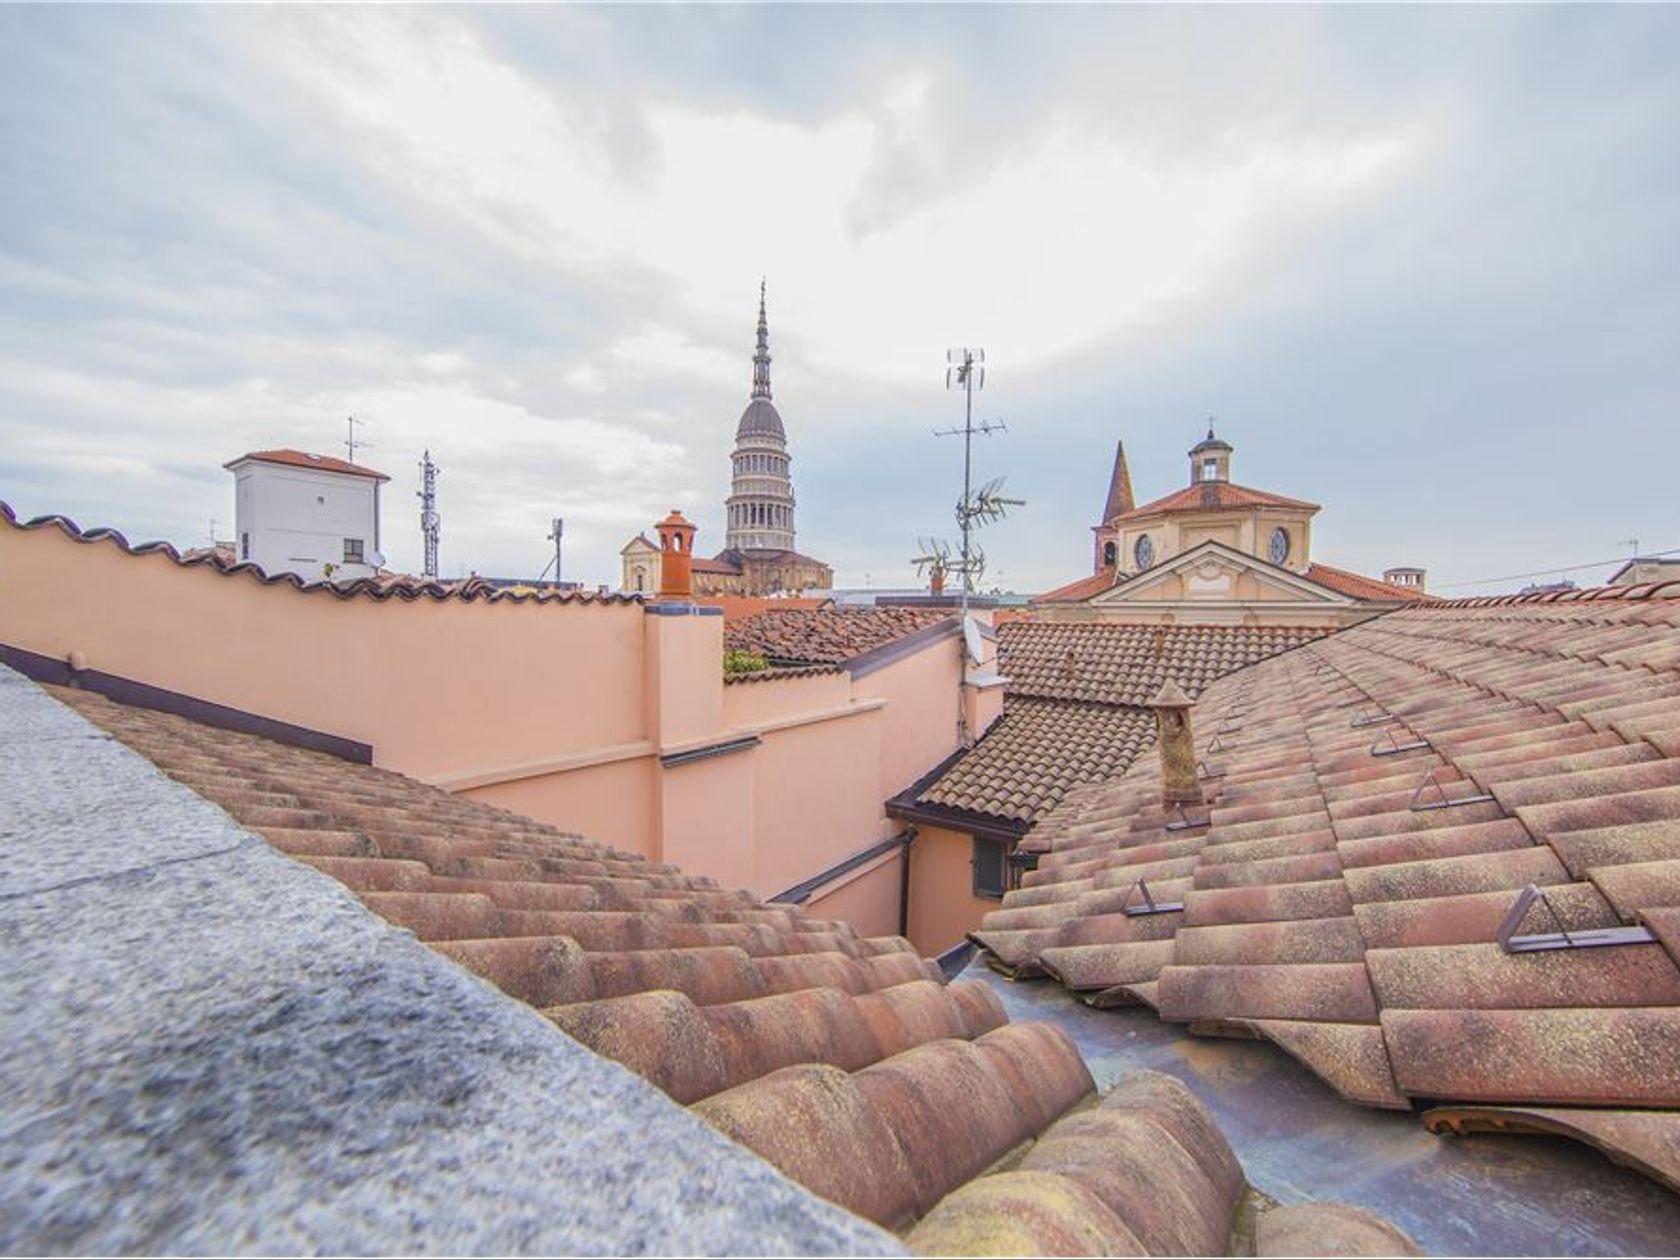 Attico/Mansarda Centro, Novara, NO Vendita - Foto 35